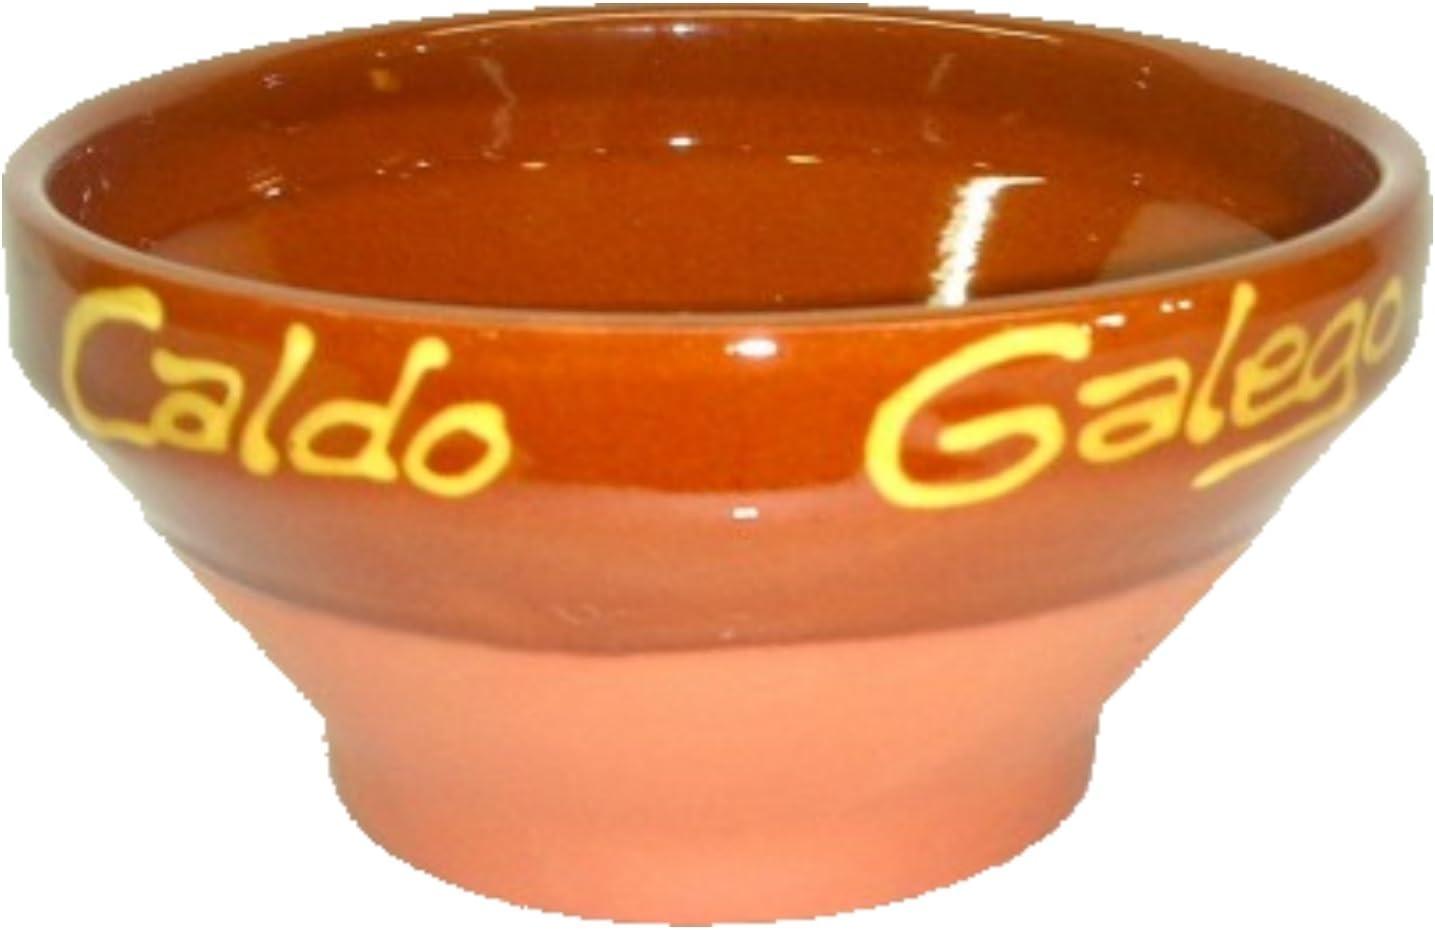 Secretos de Galicia 4 Ud. Taza Caldo Gallego: Amazon.es: Hogar